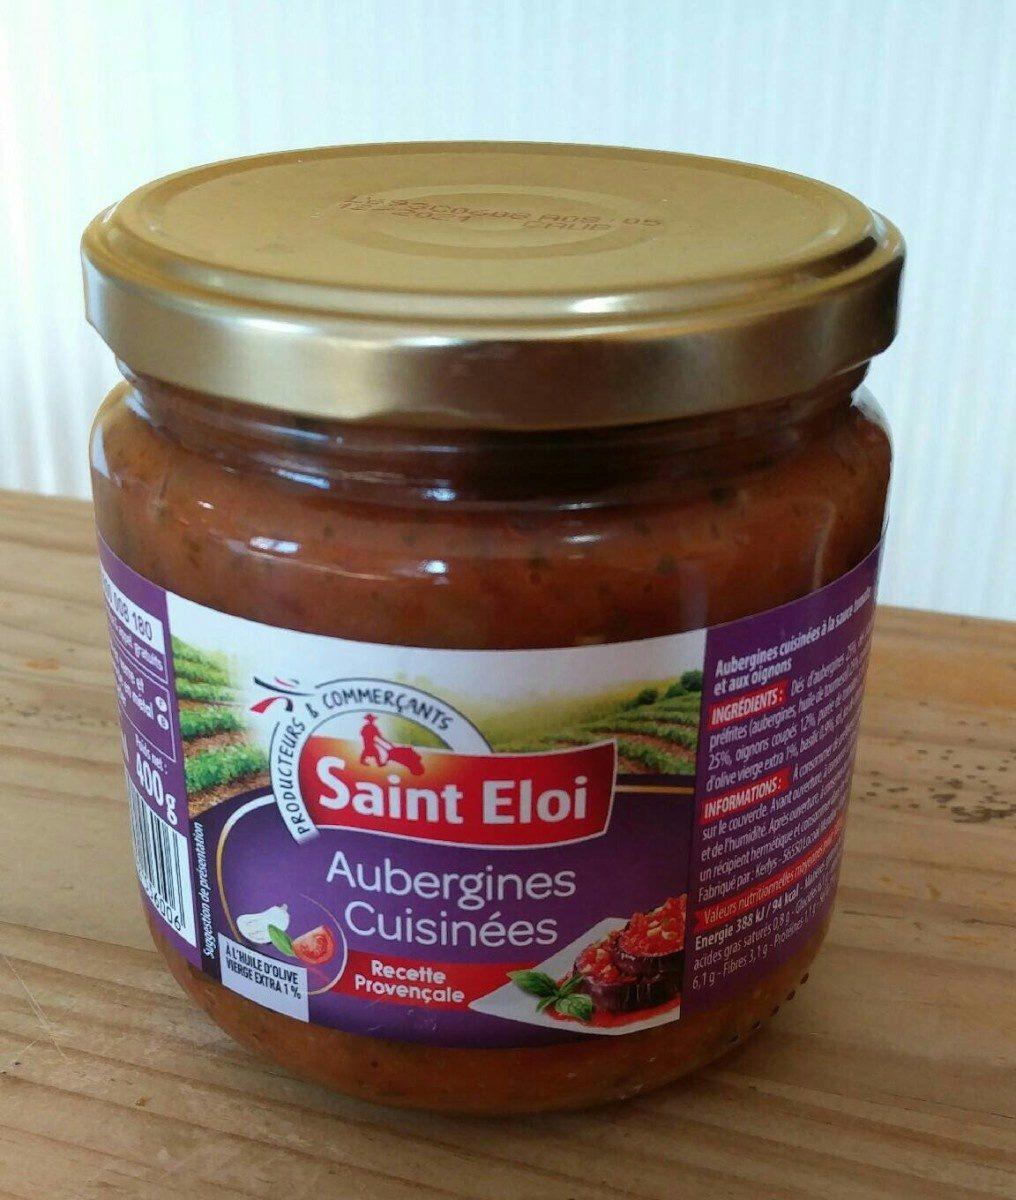 Aubergines cuisinées - Produit